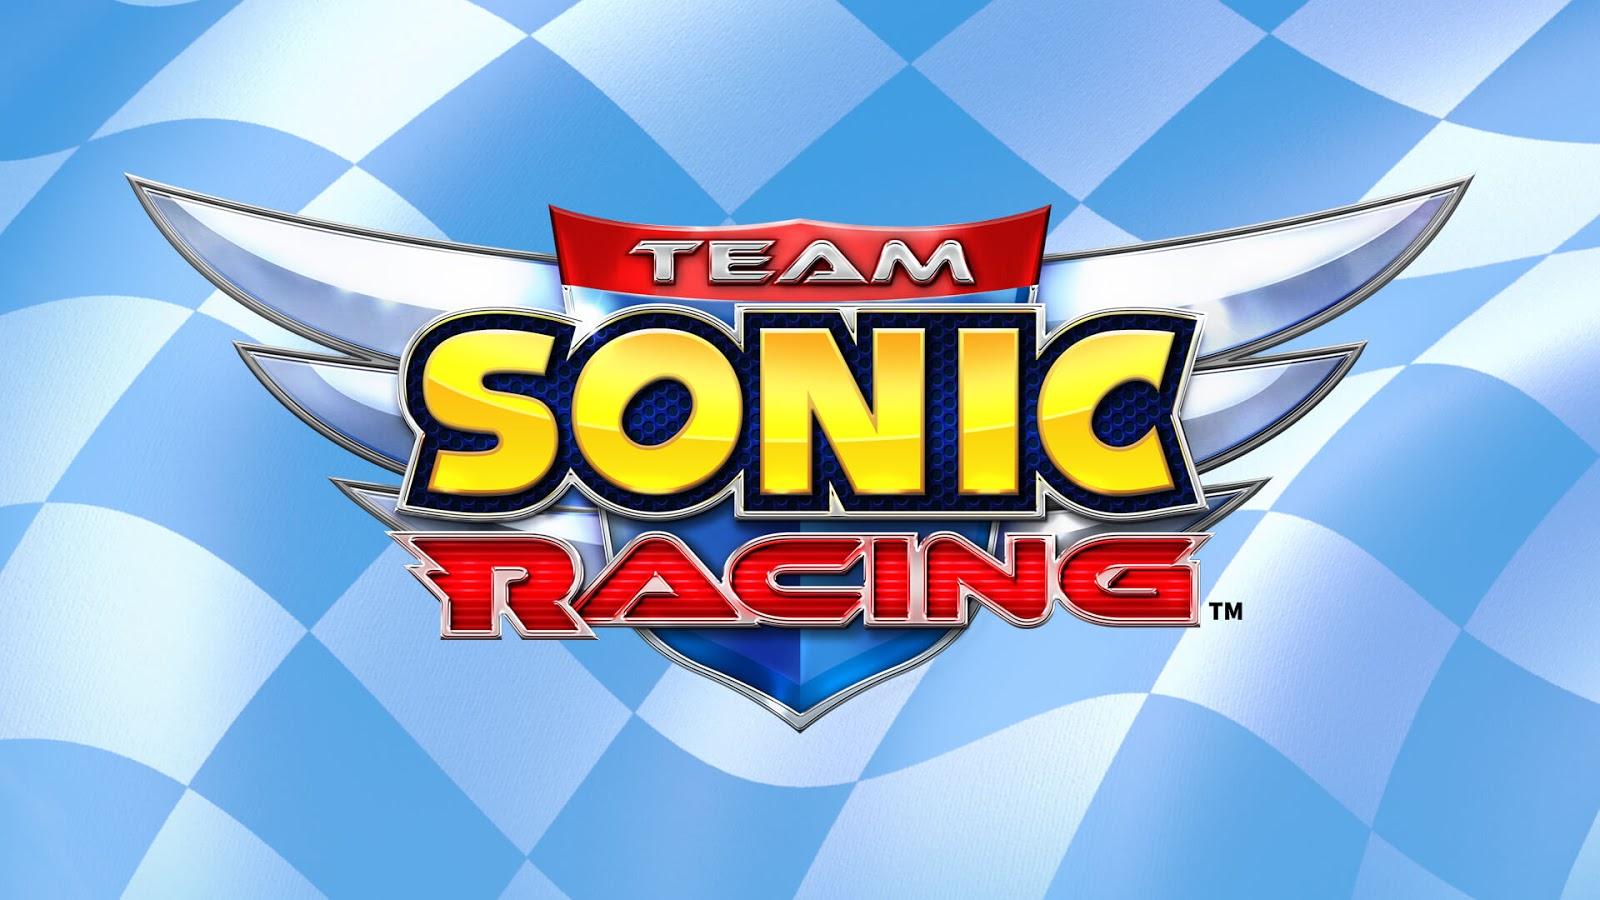 المراجعة الكاملة  للعبة Team Sonic Racing العمل الجماعي هو كلمة السر